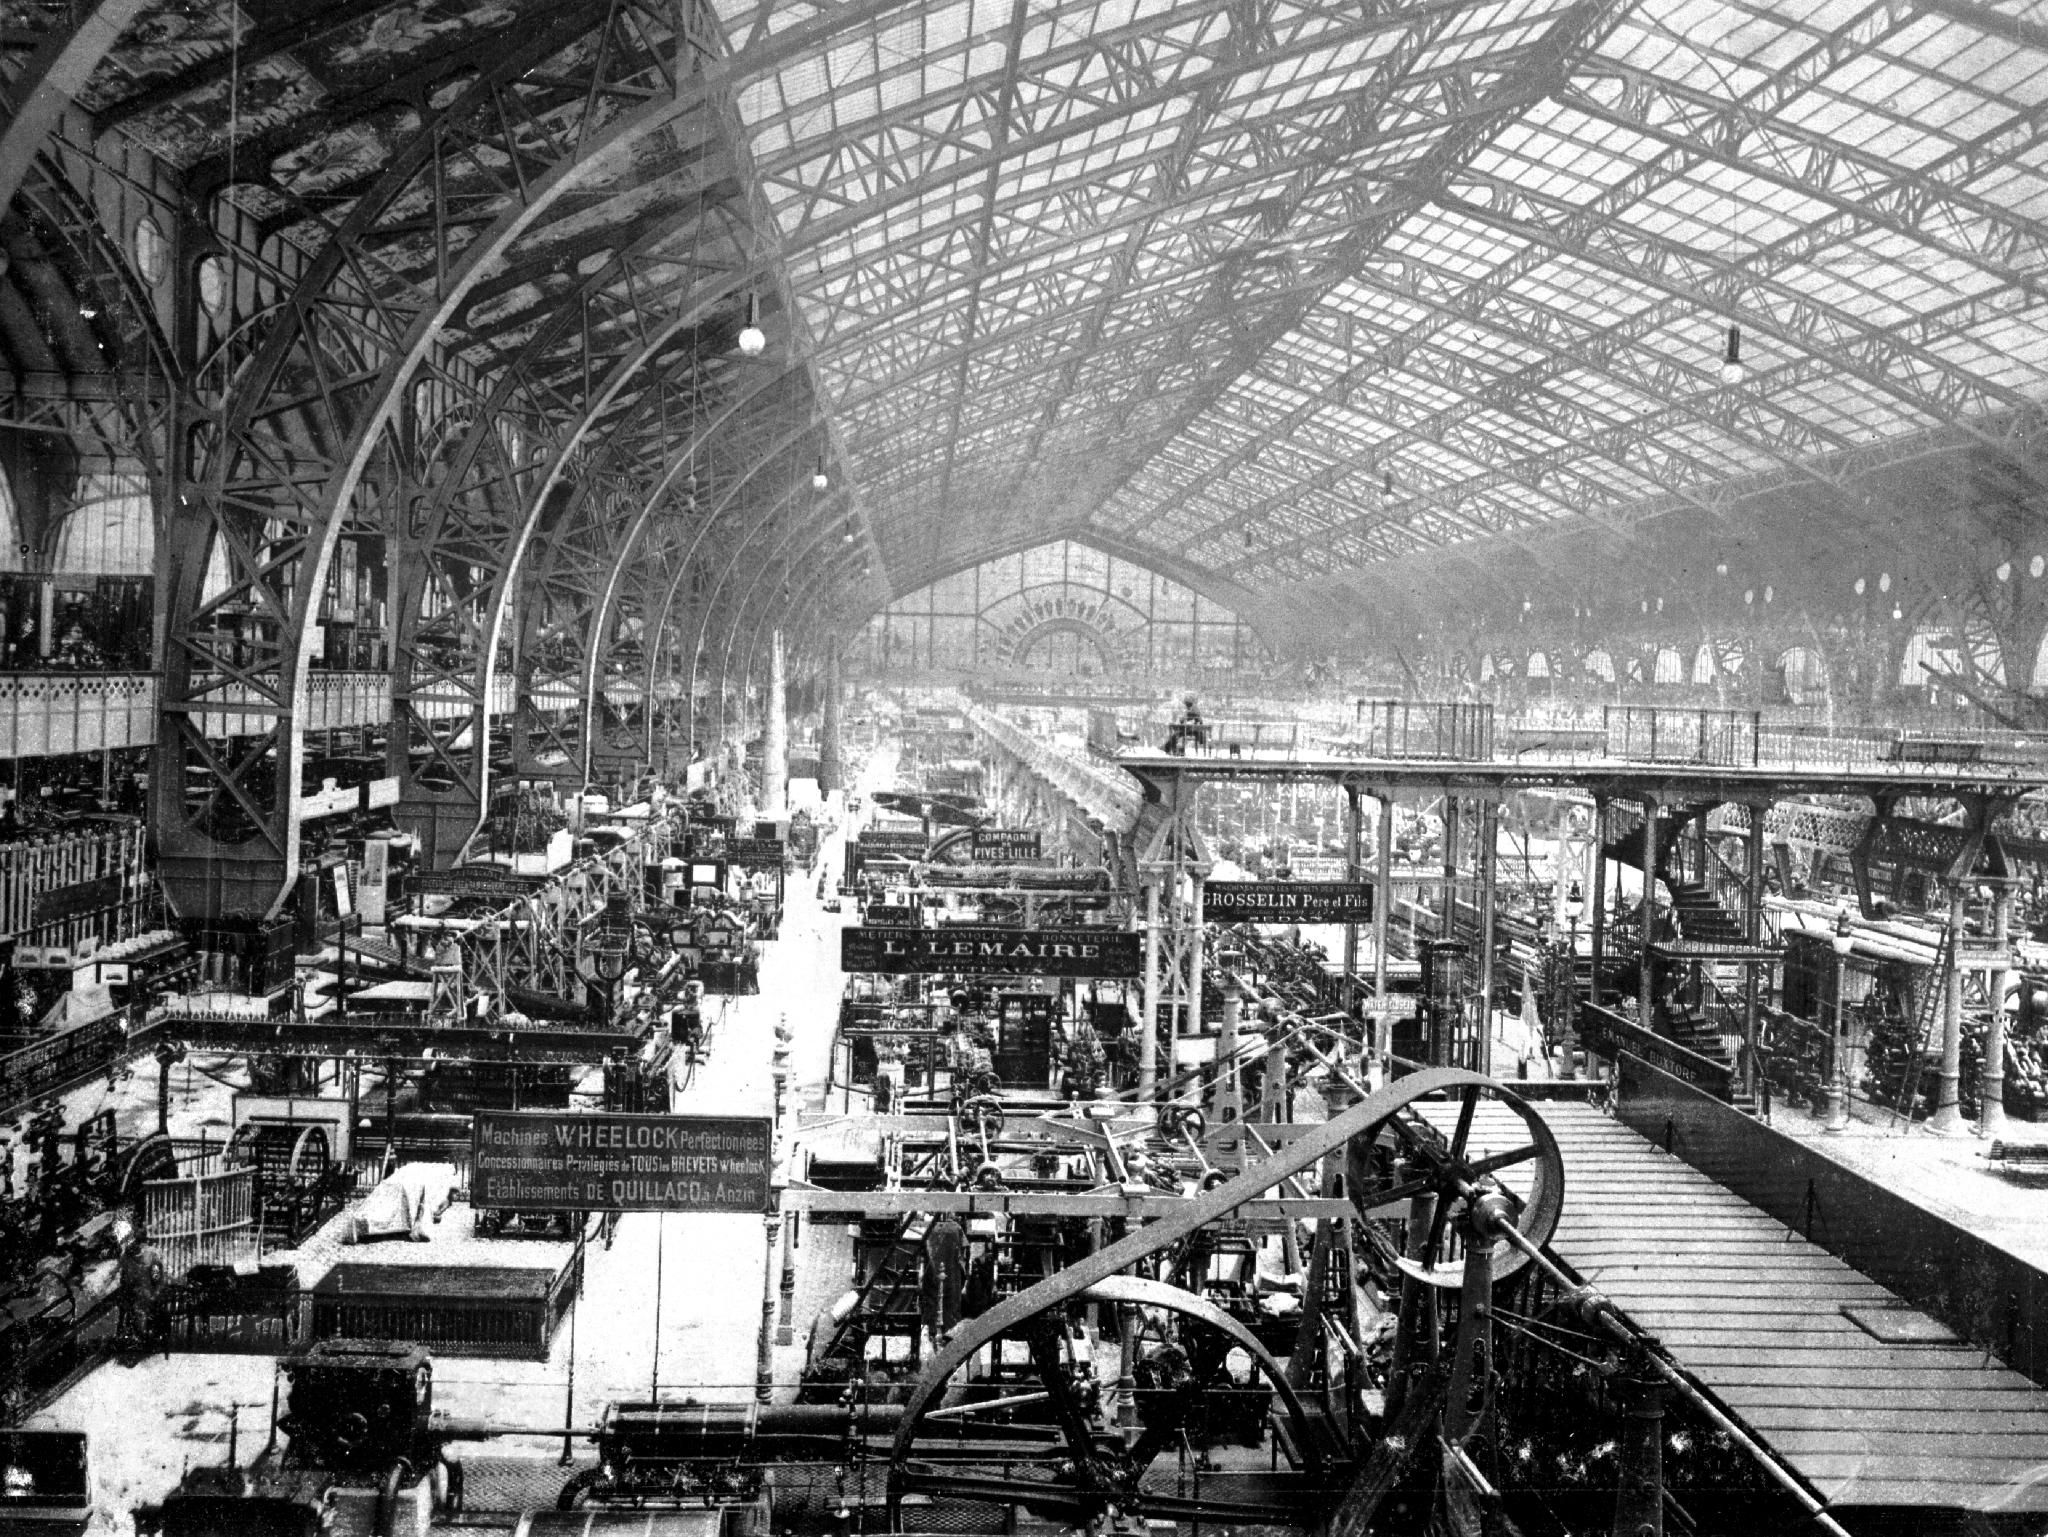 exposition universelle 19eme siècle paris